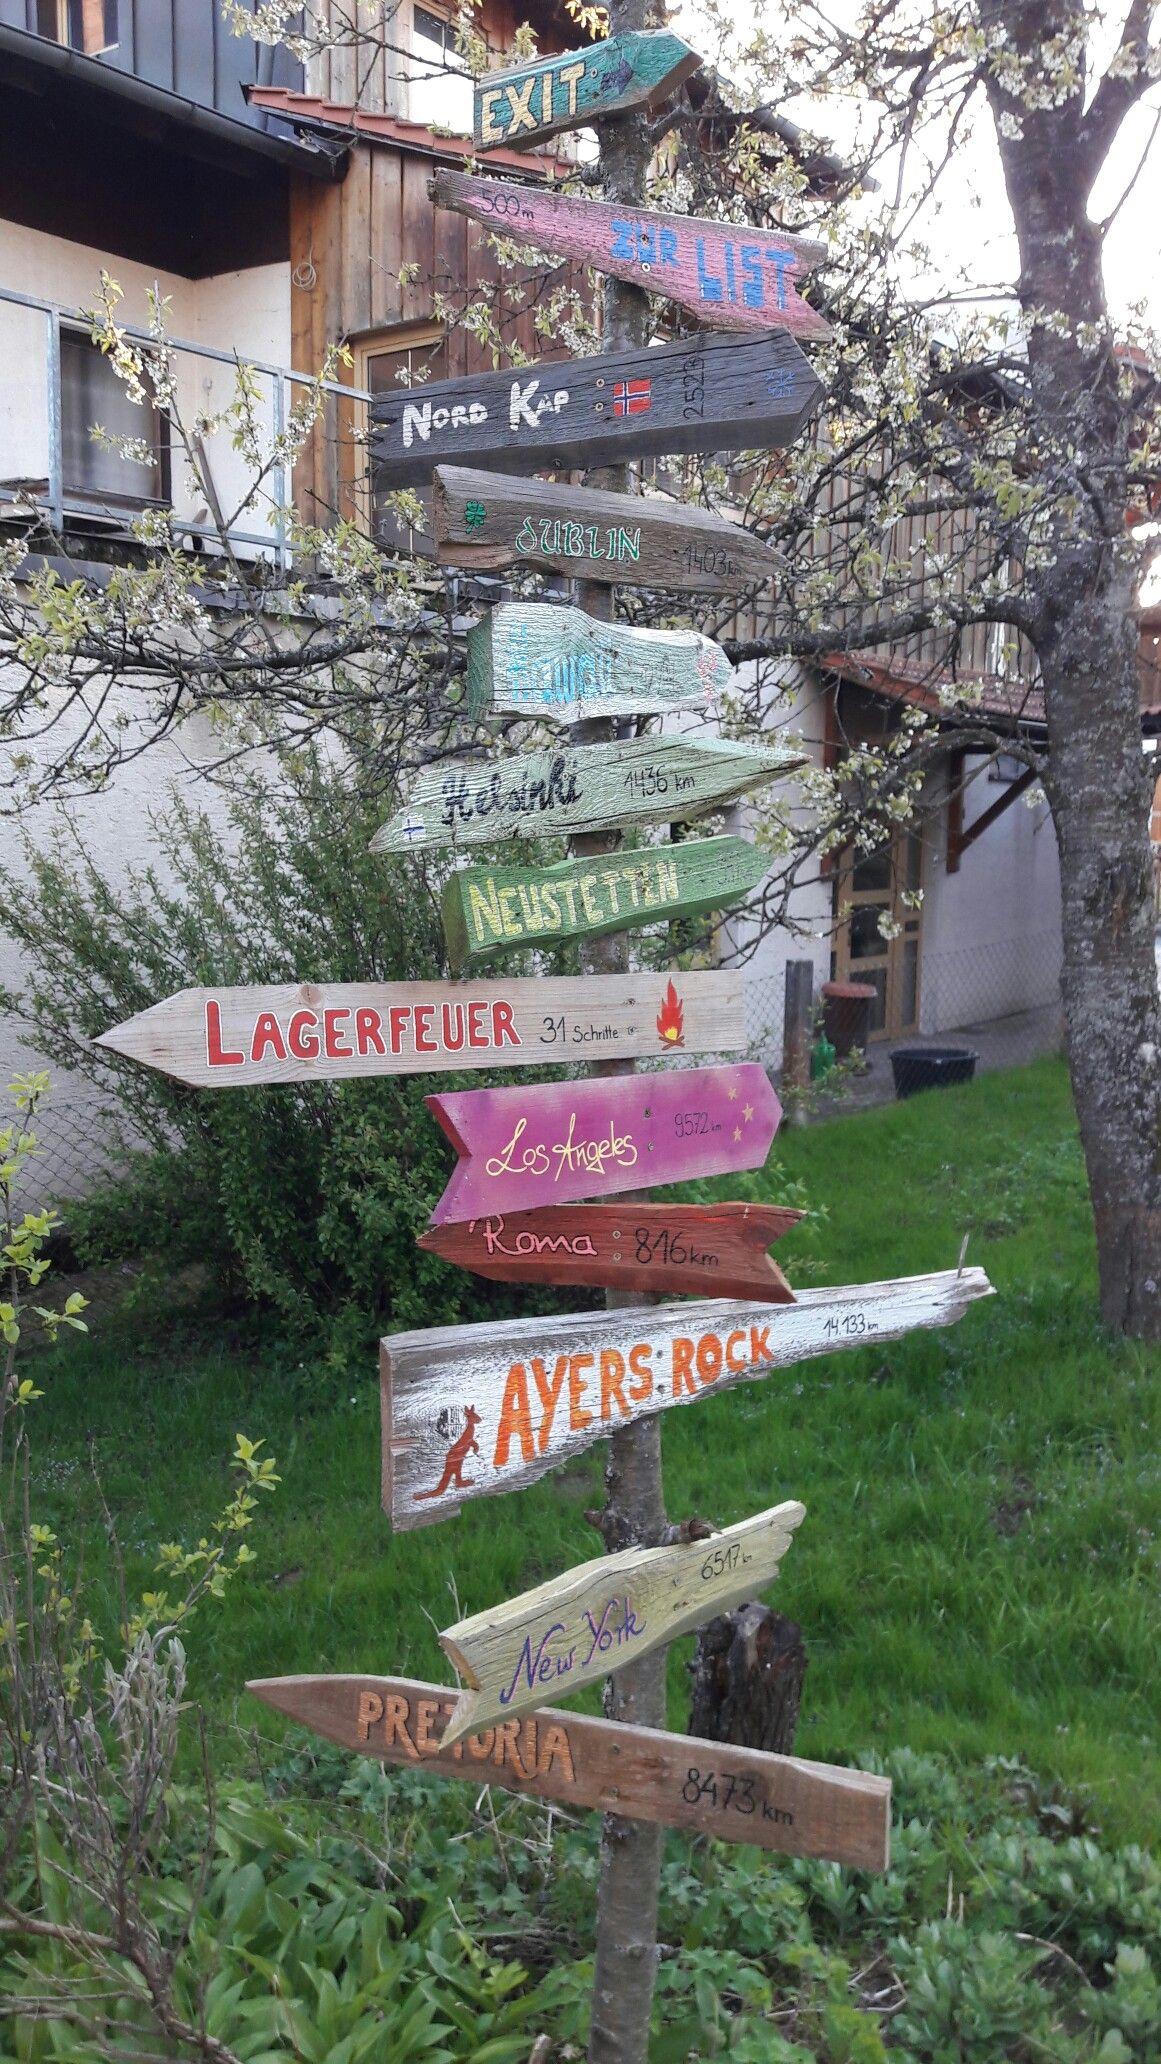 Wegweiser Tolle Gartendeko Und Ja Ayers Rock Zeigt In Die Falsche